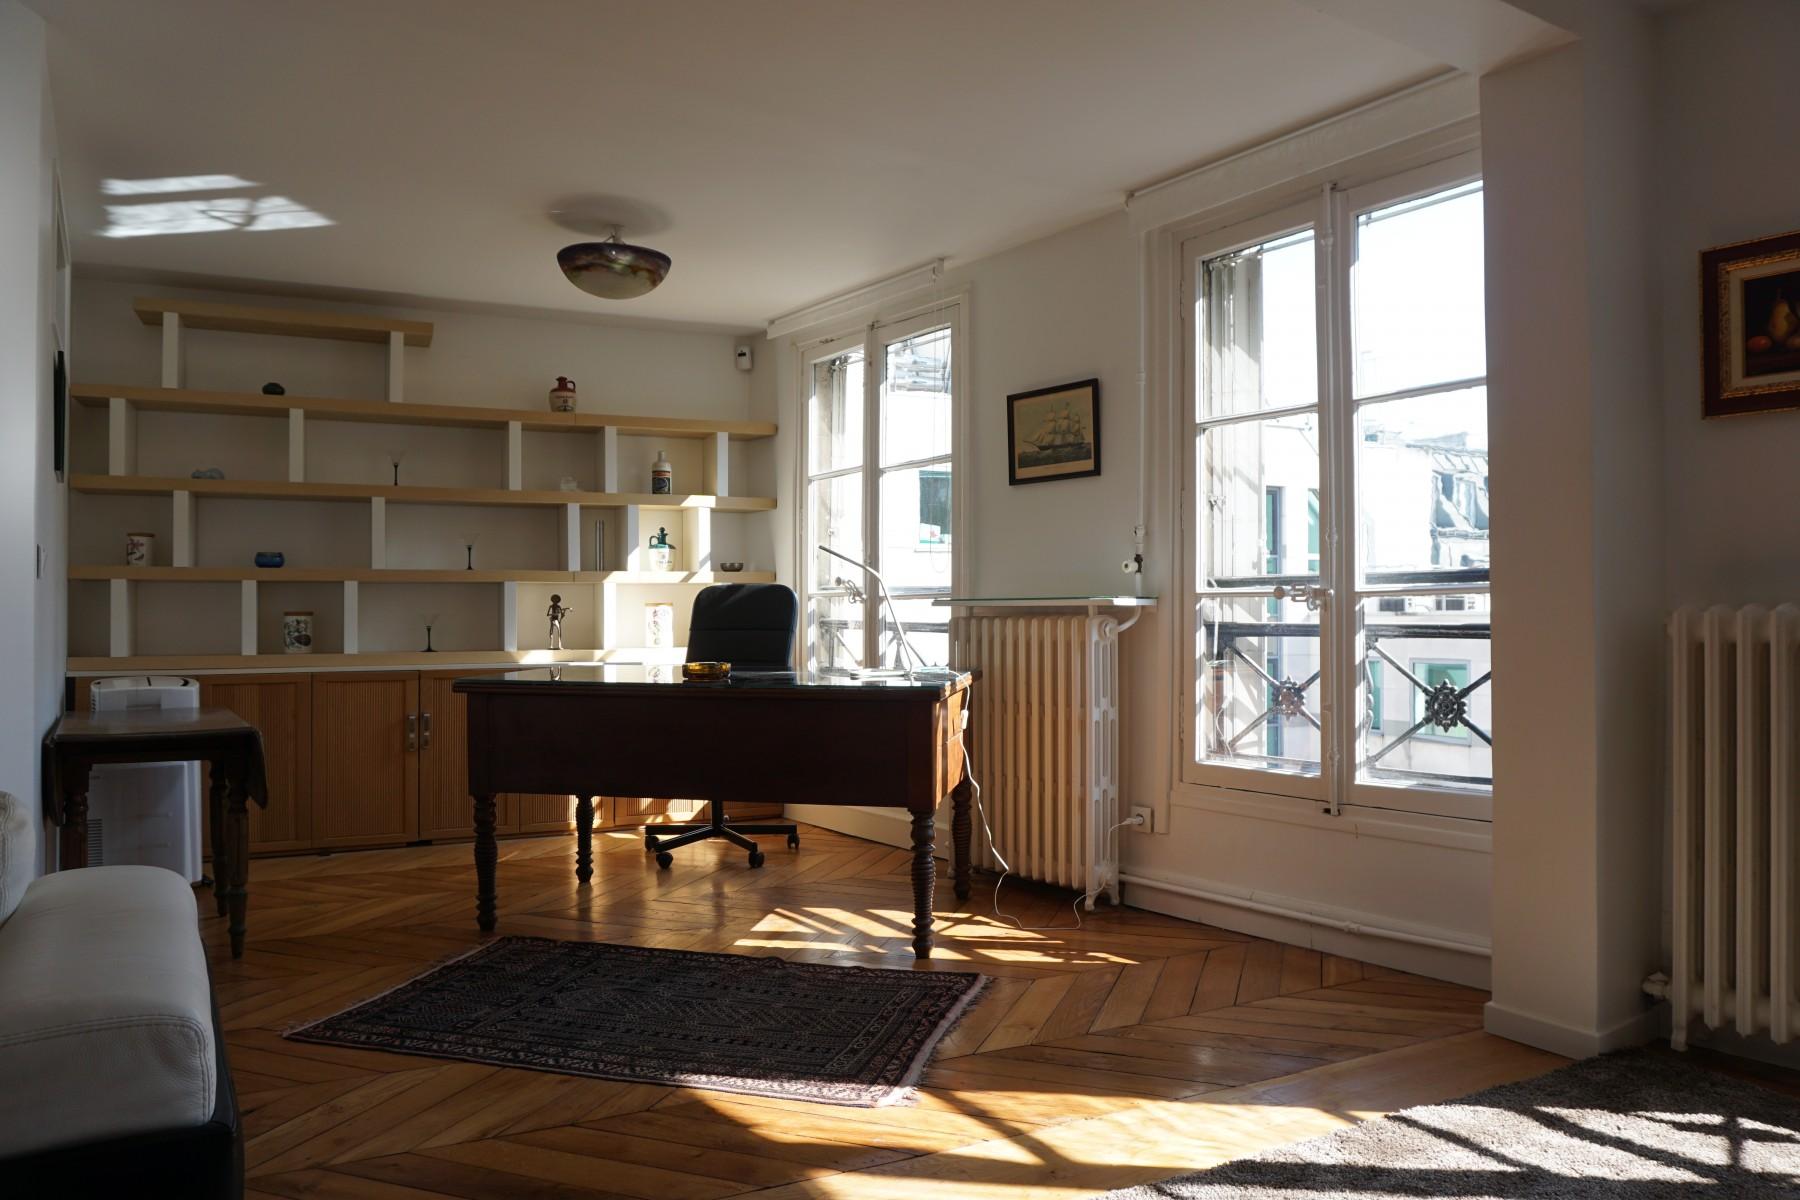 appartements a paris ville rue de la chauss e d 39 antin 75009 paris 209009. Black Bedroom Furniture Sets. Home Design Ideas